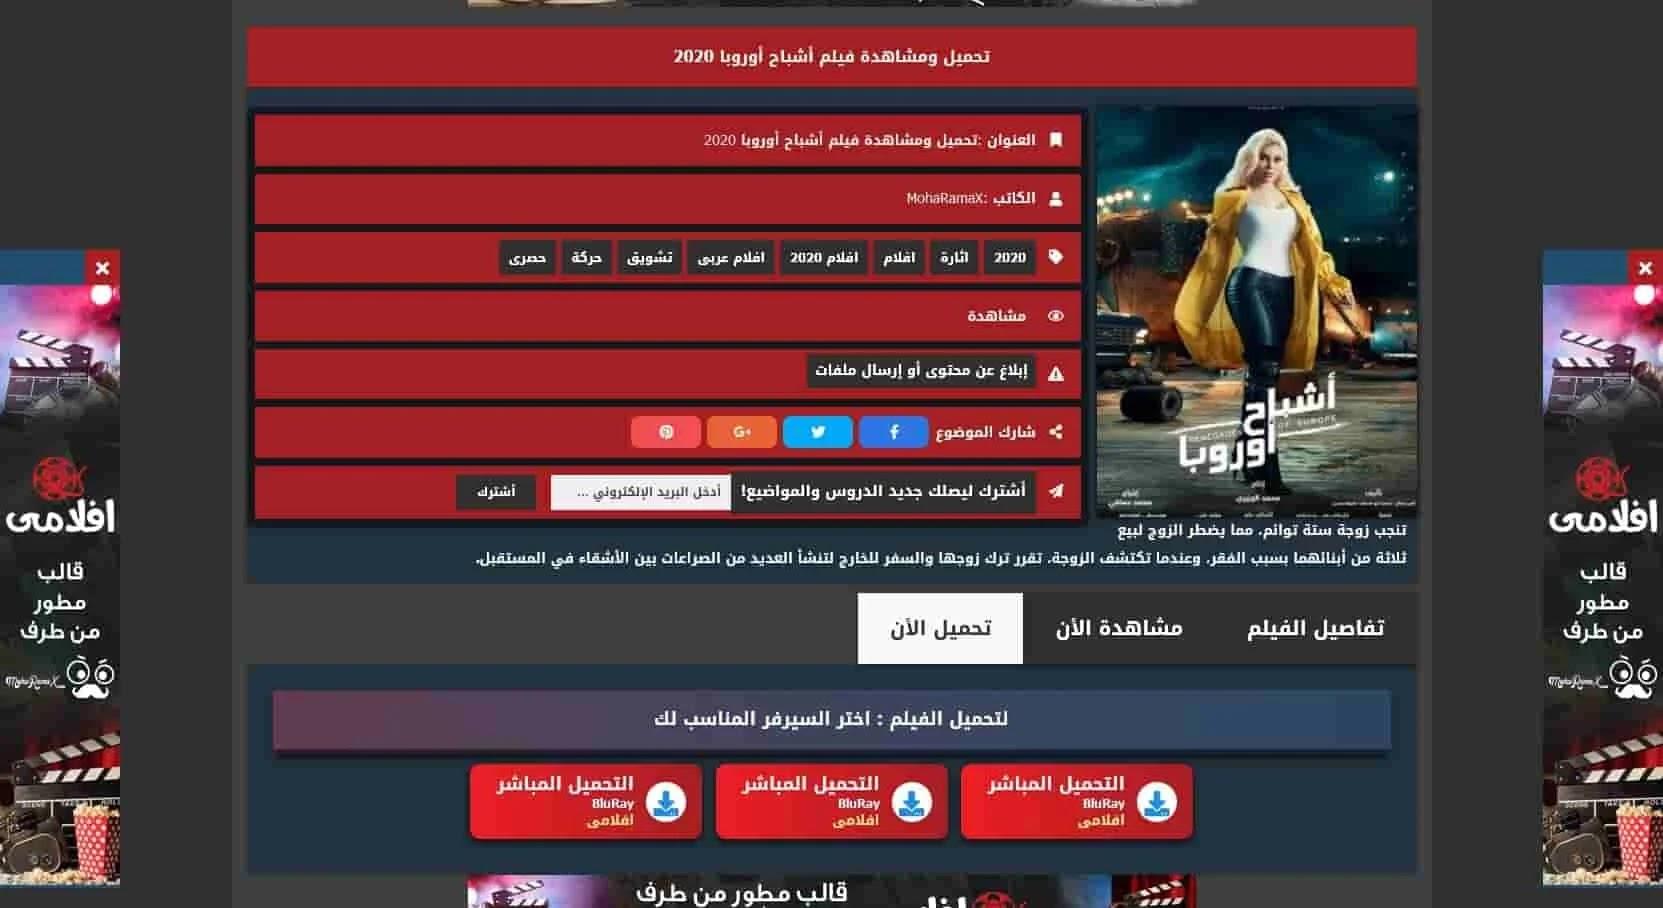 واجهة صفحة سيرفرات التحميل